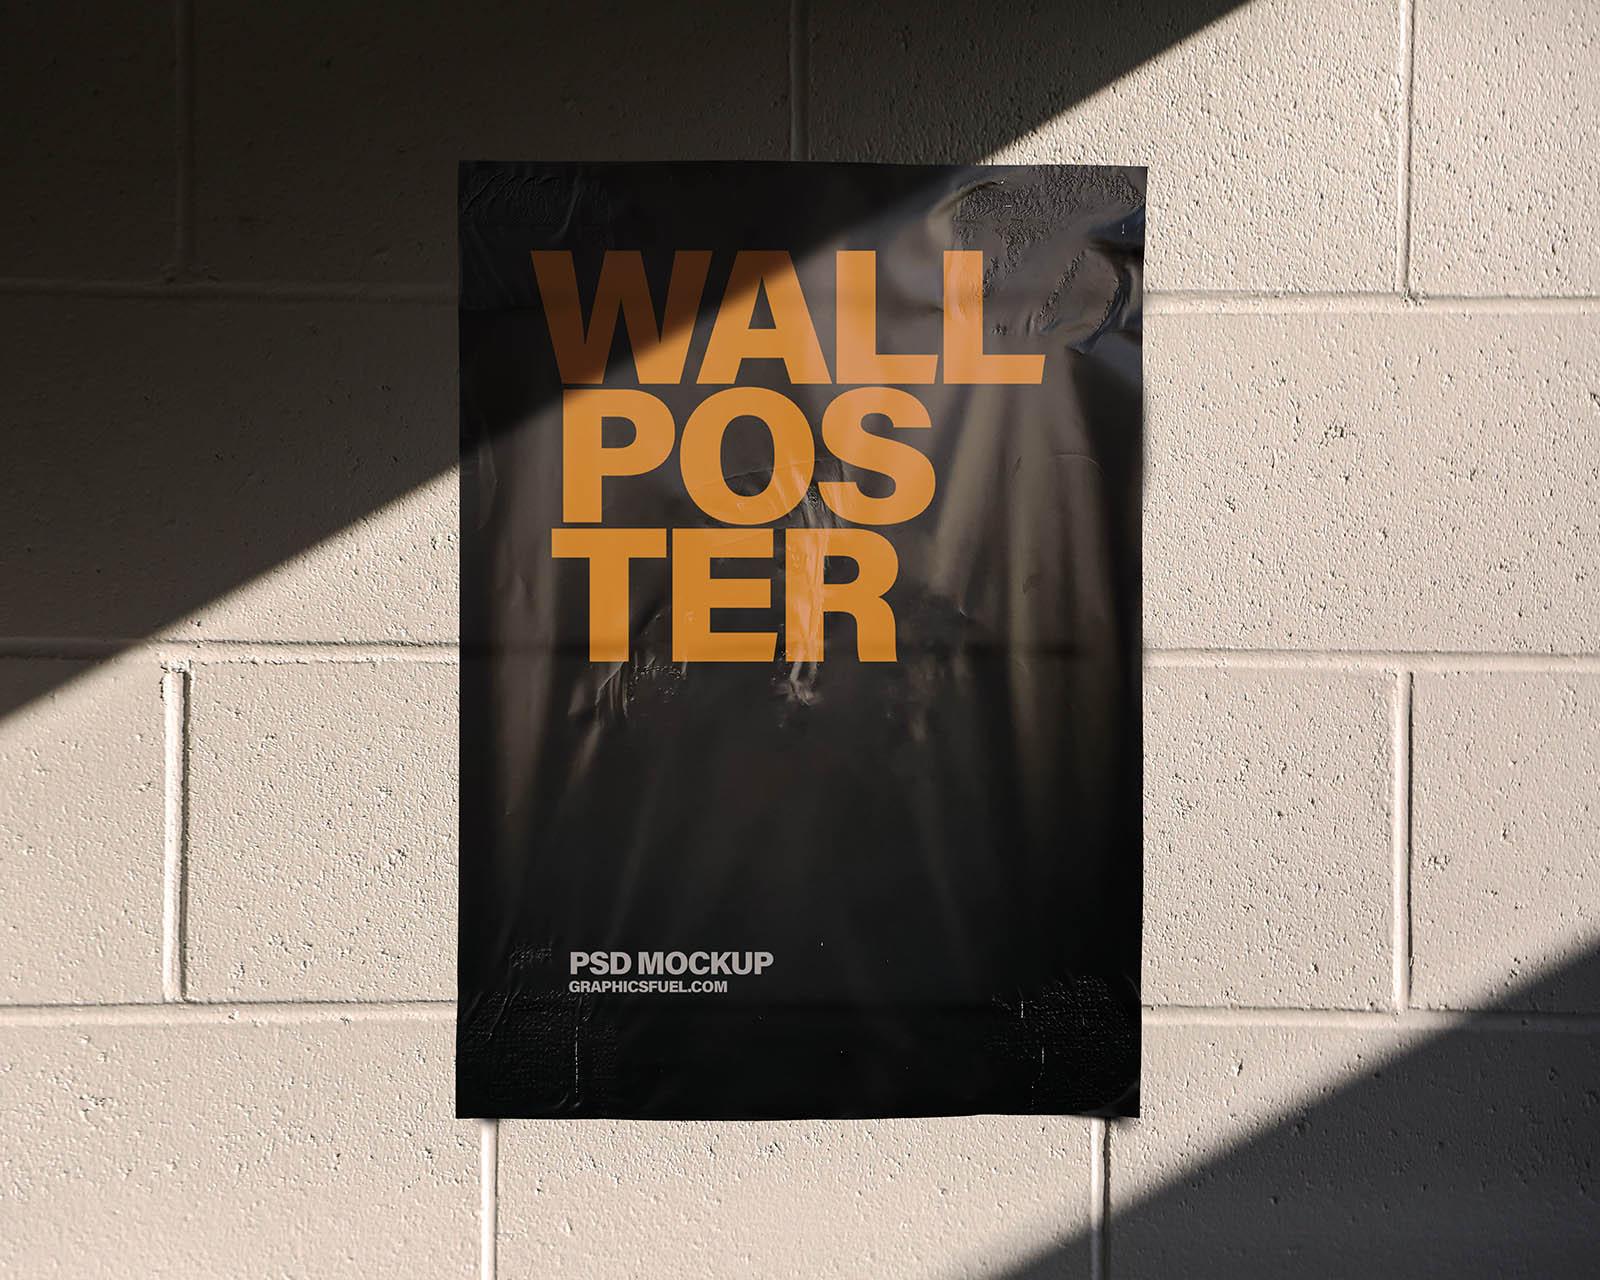 Wall Poster Mockup Templates